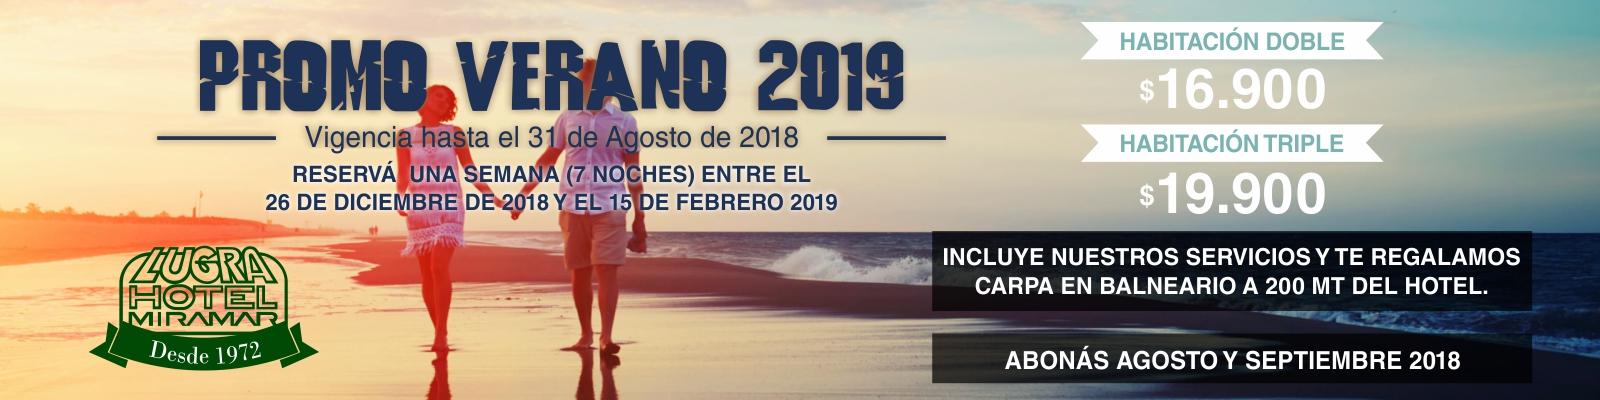 103 - Promo verano 2019 (2)